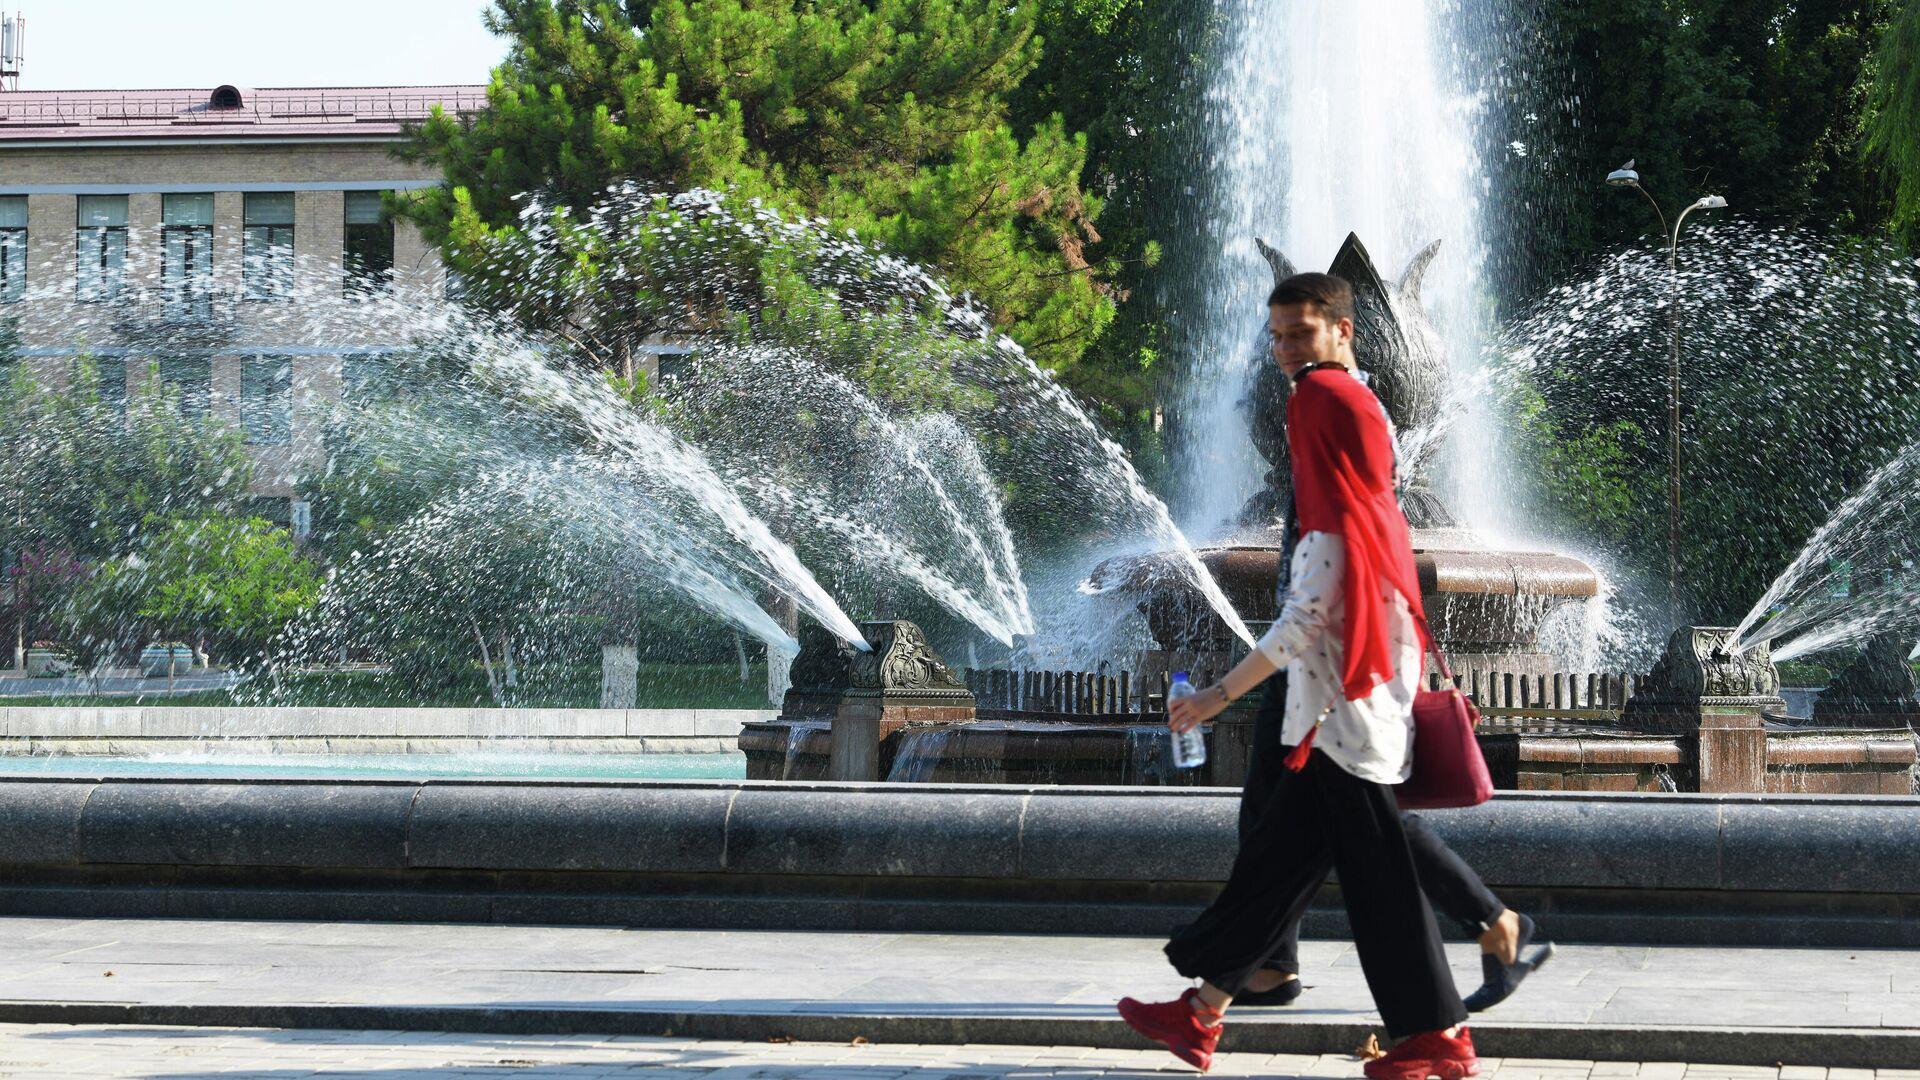 Парень с девушкой у фонтана возле ГАБТА - Sputnik Узбекистан, 1920, 13.07.2021